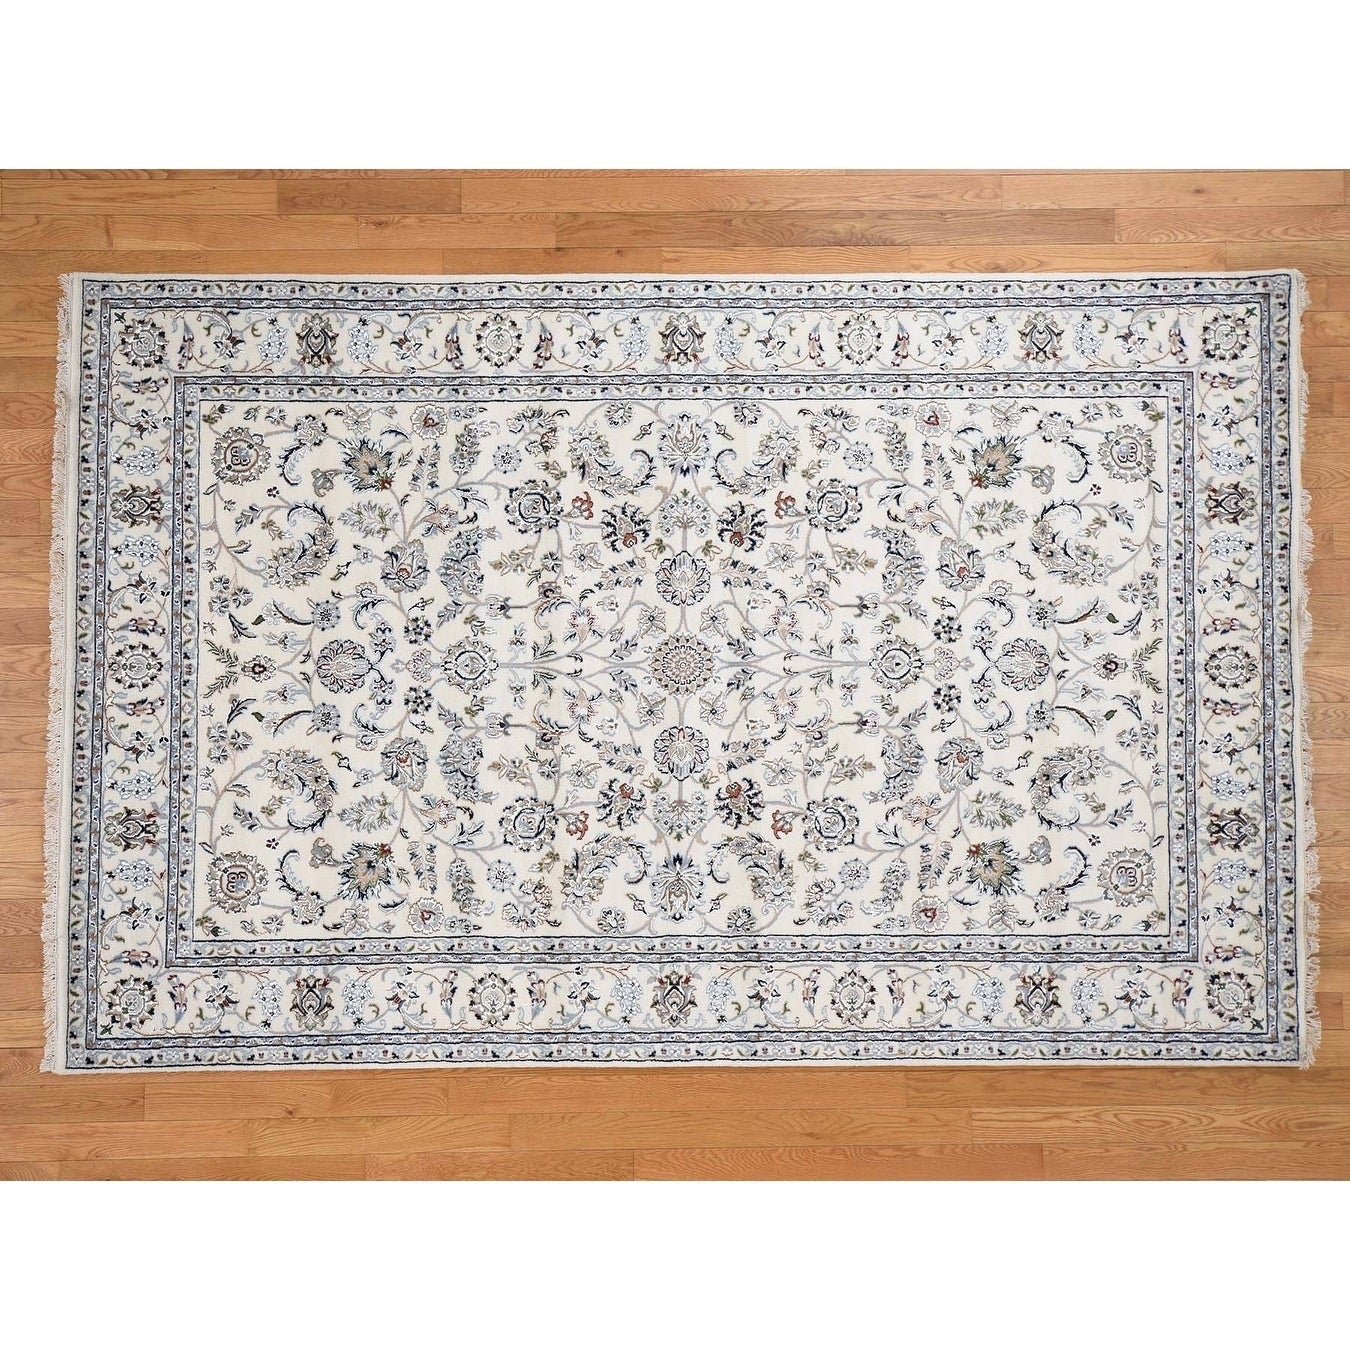 Hand Knotted Beige Fine Oriental with Wool & Silk Oriental Rug - 66 x 10